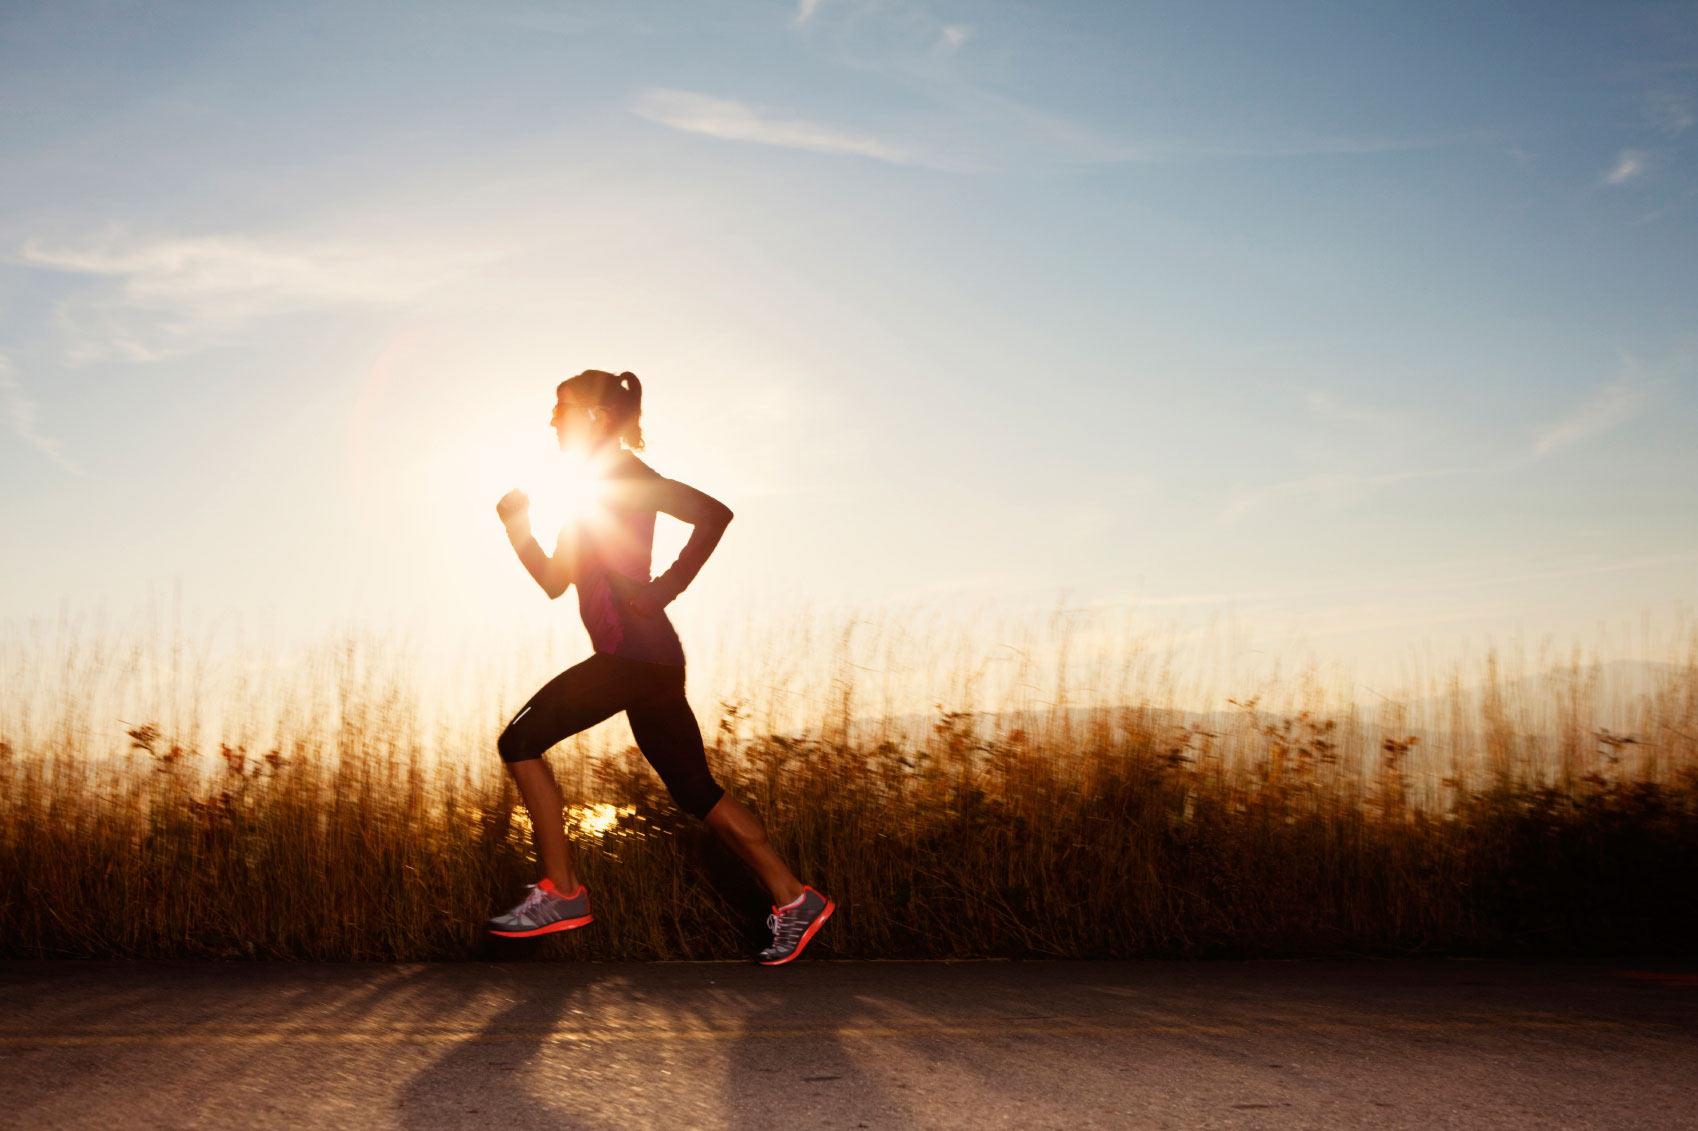 Motiváló tények - A futás jótékony hatásai